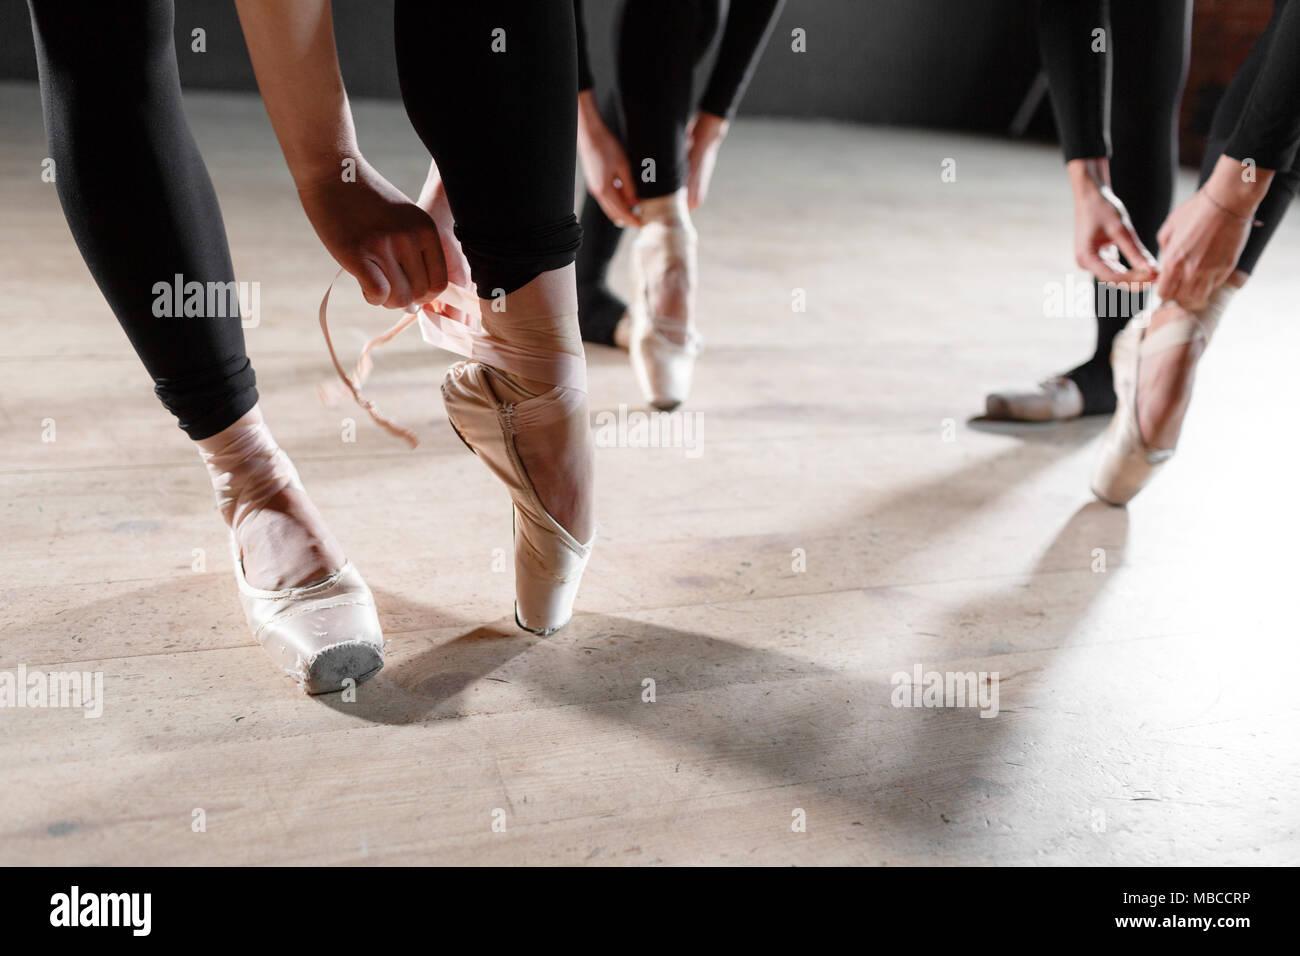 Le concept de ballet. Les pointes de près. Les jeunes filles de ballerine. Les femmes à la répétition en bustier noir. Préparer une représentation théâtrale Photo Stock